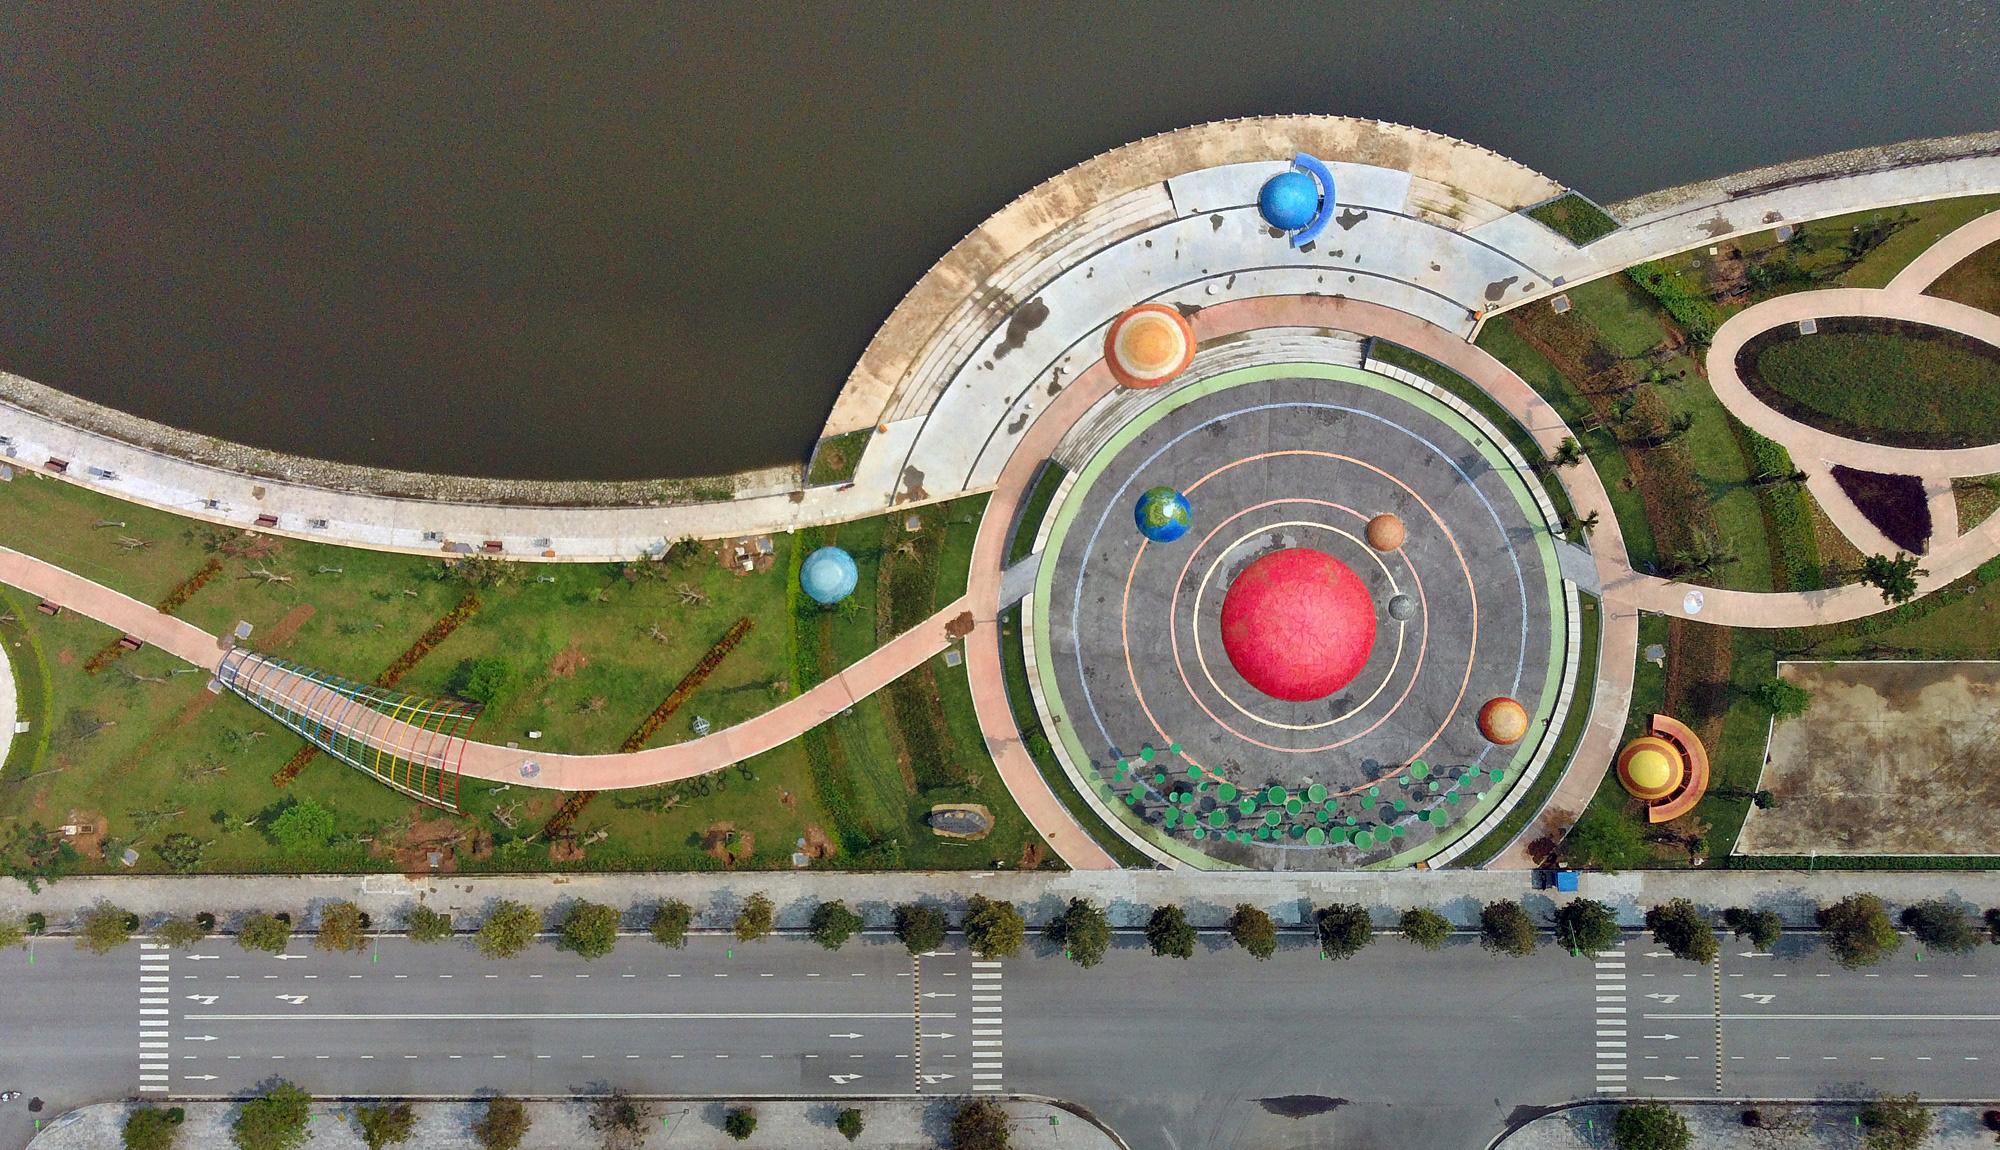 Công viên Thiên văn học đầu tiên Đông Nam Á ở KĐT Dương Nội đẹp lung linh nhìn từ trên cao - Ảnh 11.